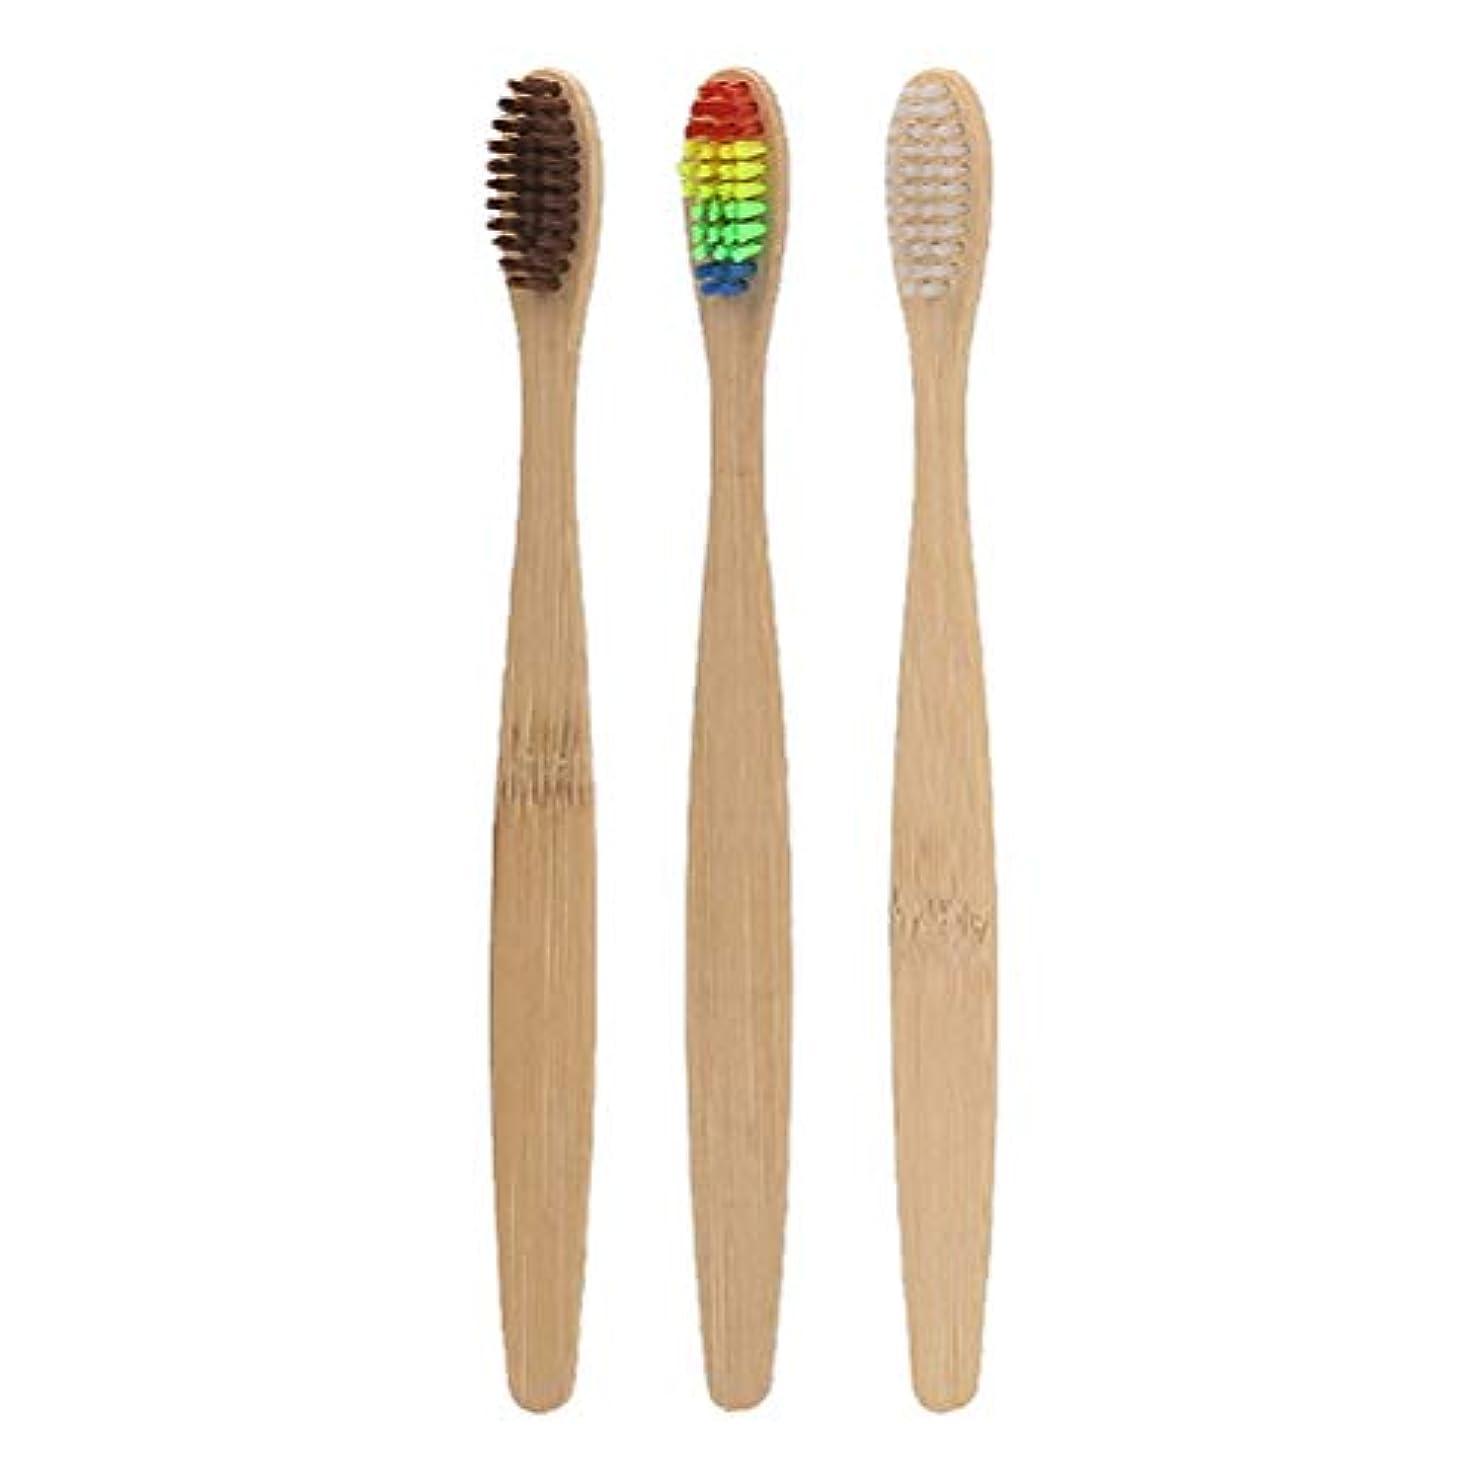 氏期待する不名誉なHealifty 環境に優しい竹製の歯ブラシ3本の柔らかい環境に優しい竹製の歯ブラシ男性用女性